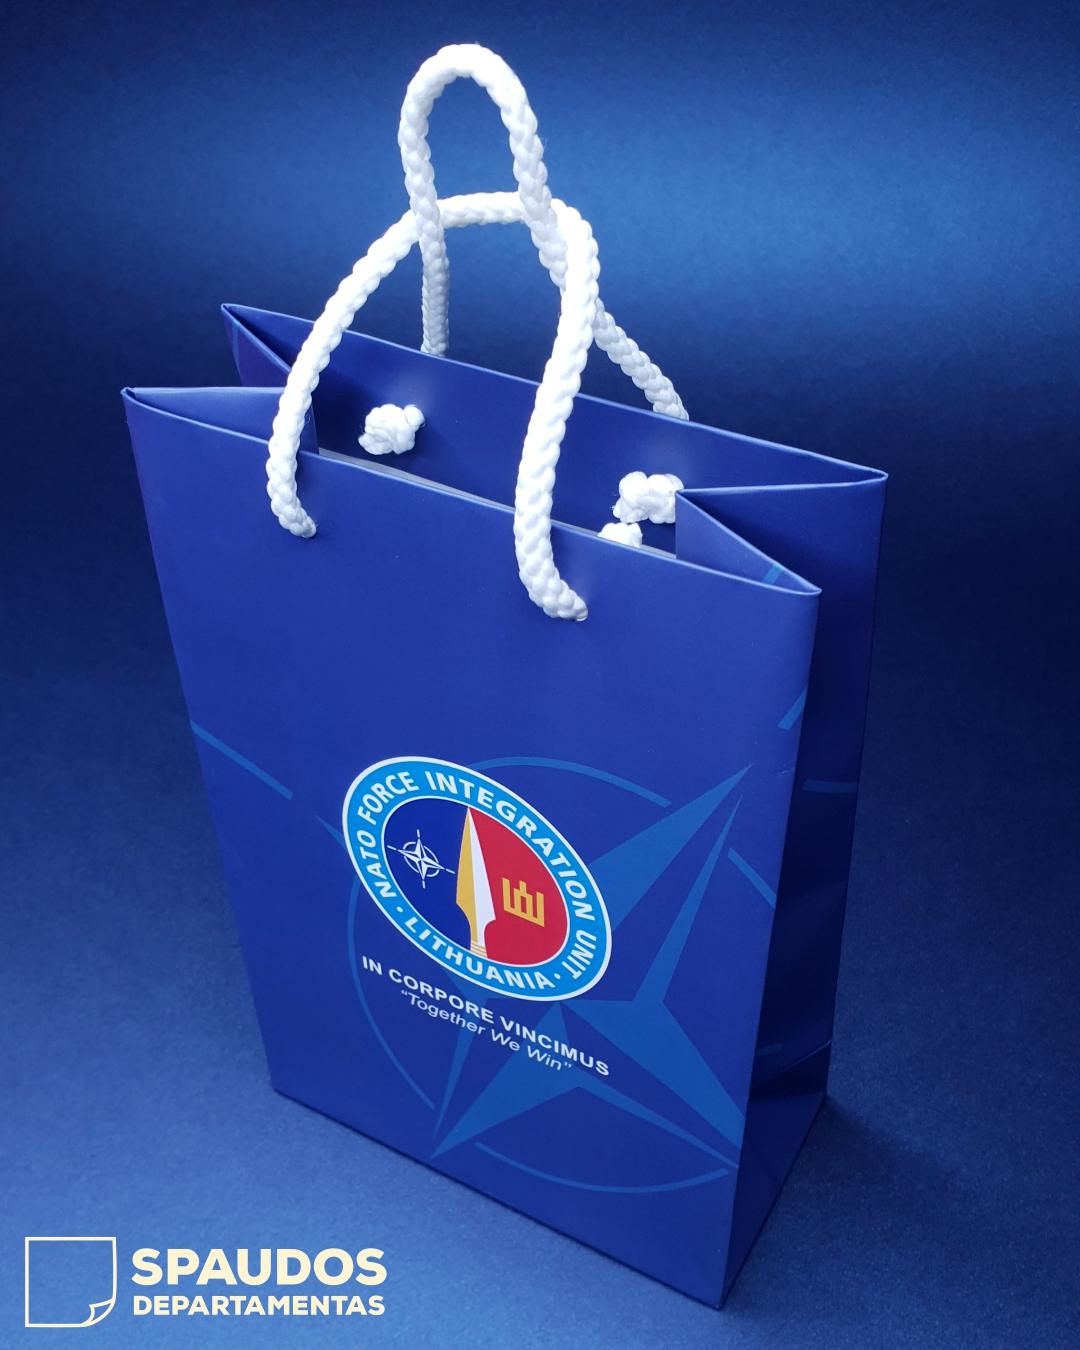 NATO popieriniai maišeliai